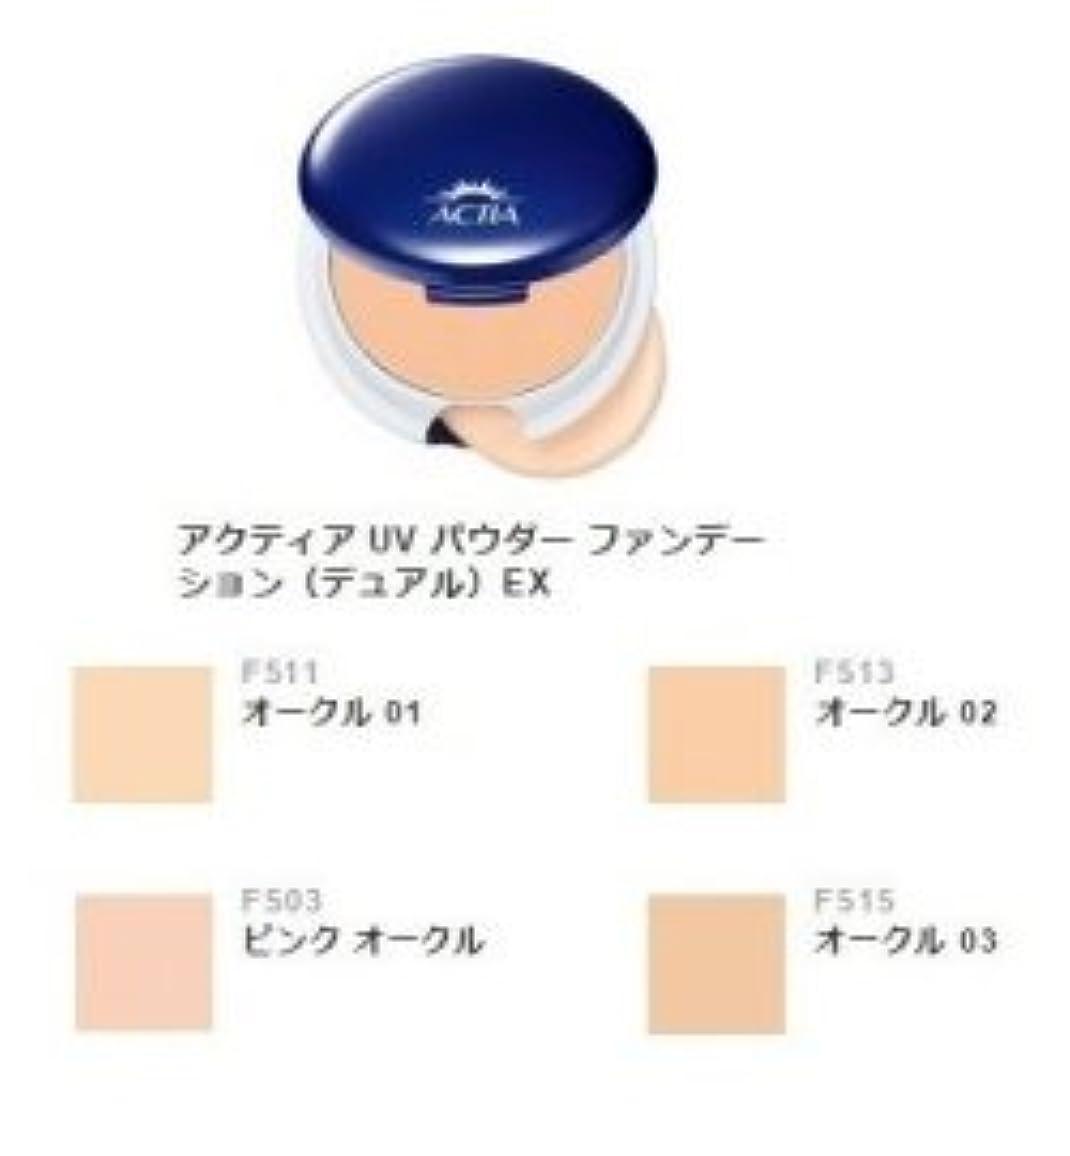 ラベル懲らしめボリュームエイボン(AVON) アクティア UV パウダーファンデーション(デュアル)EX(リフィル)F515 オークル03